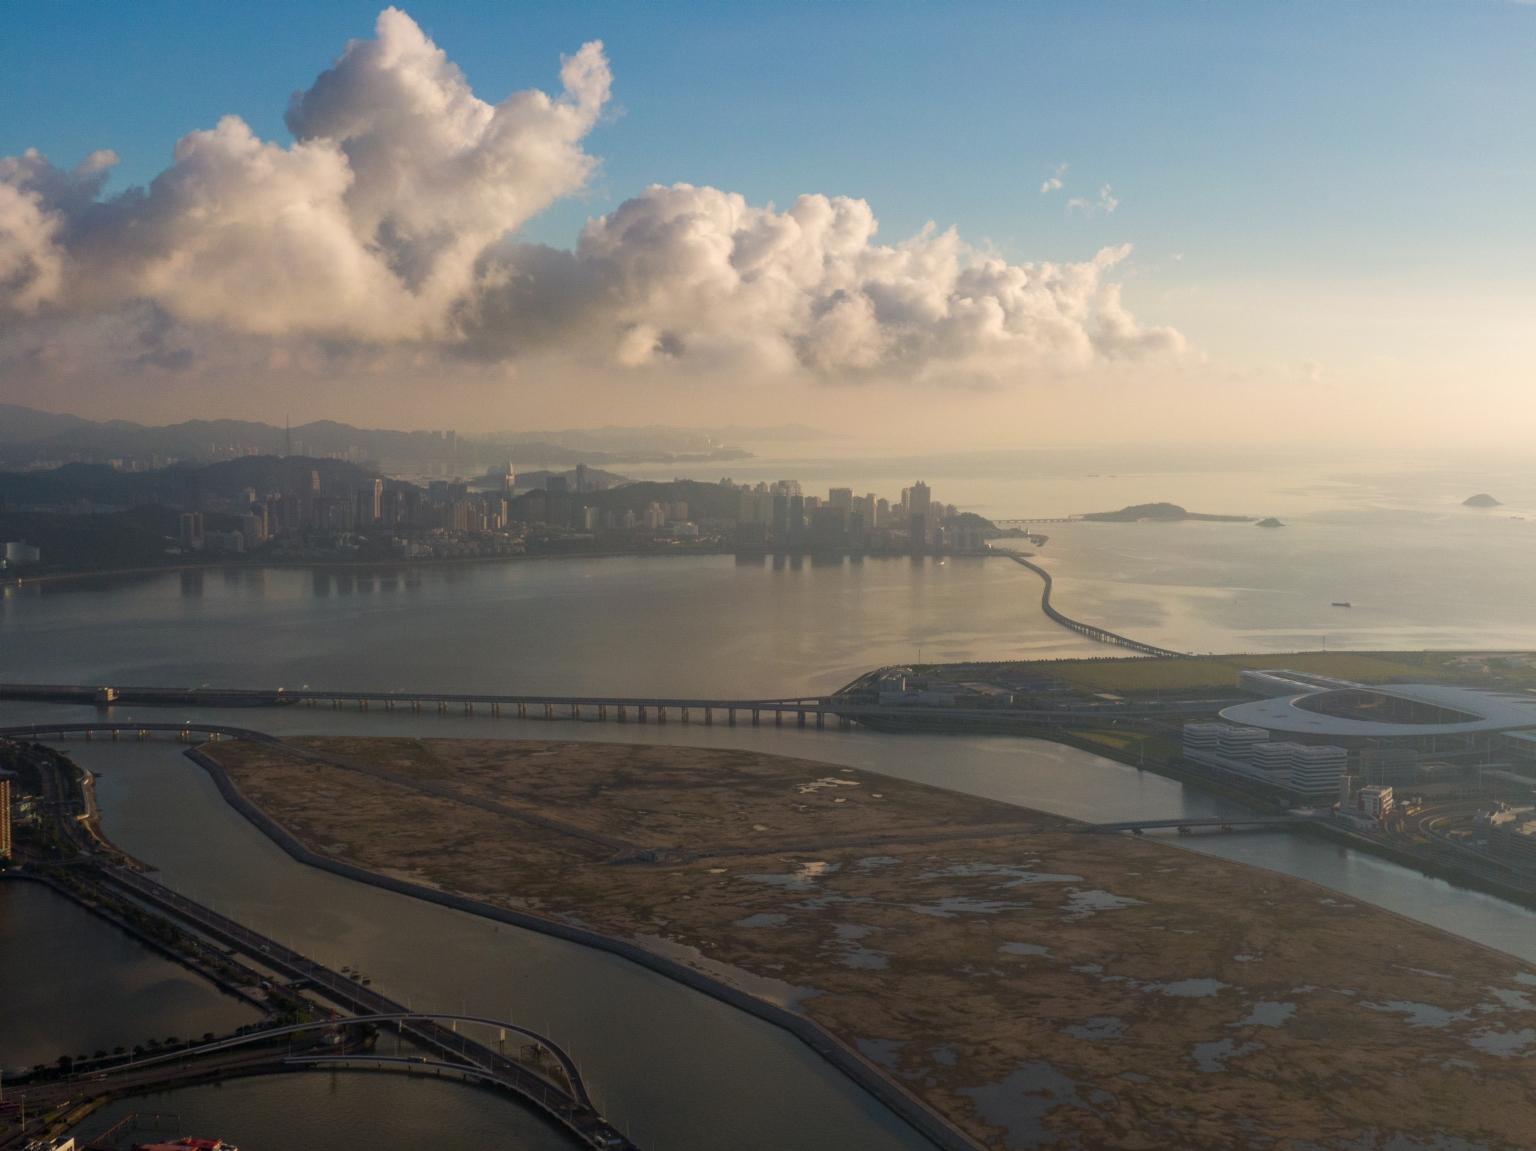 新城A區及人工島、通往珠海工程便橋